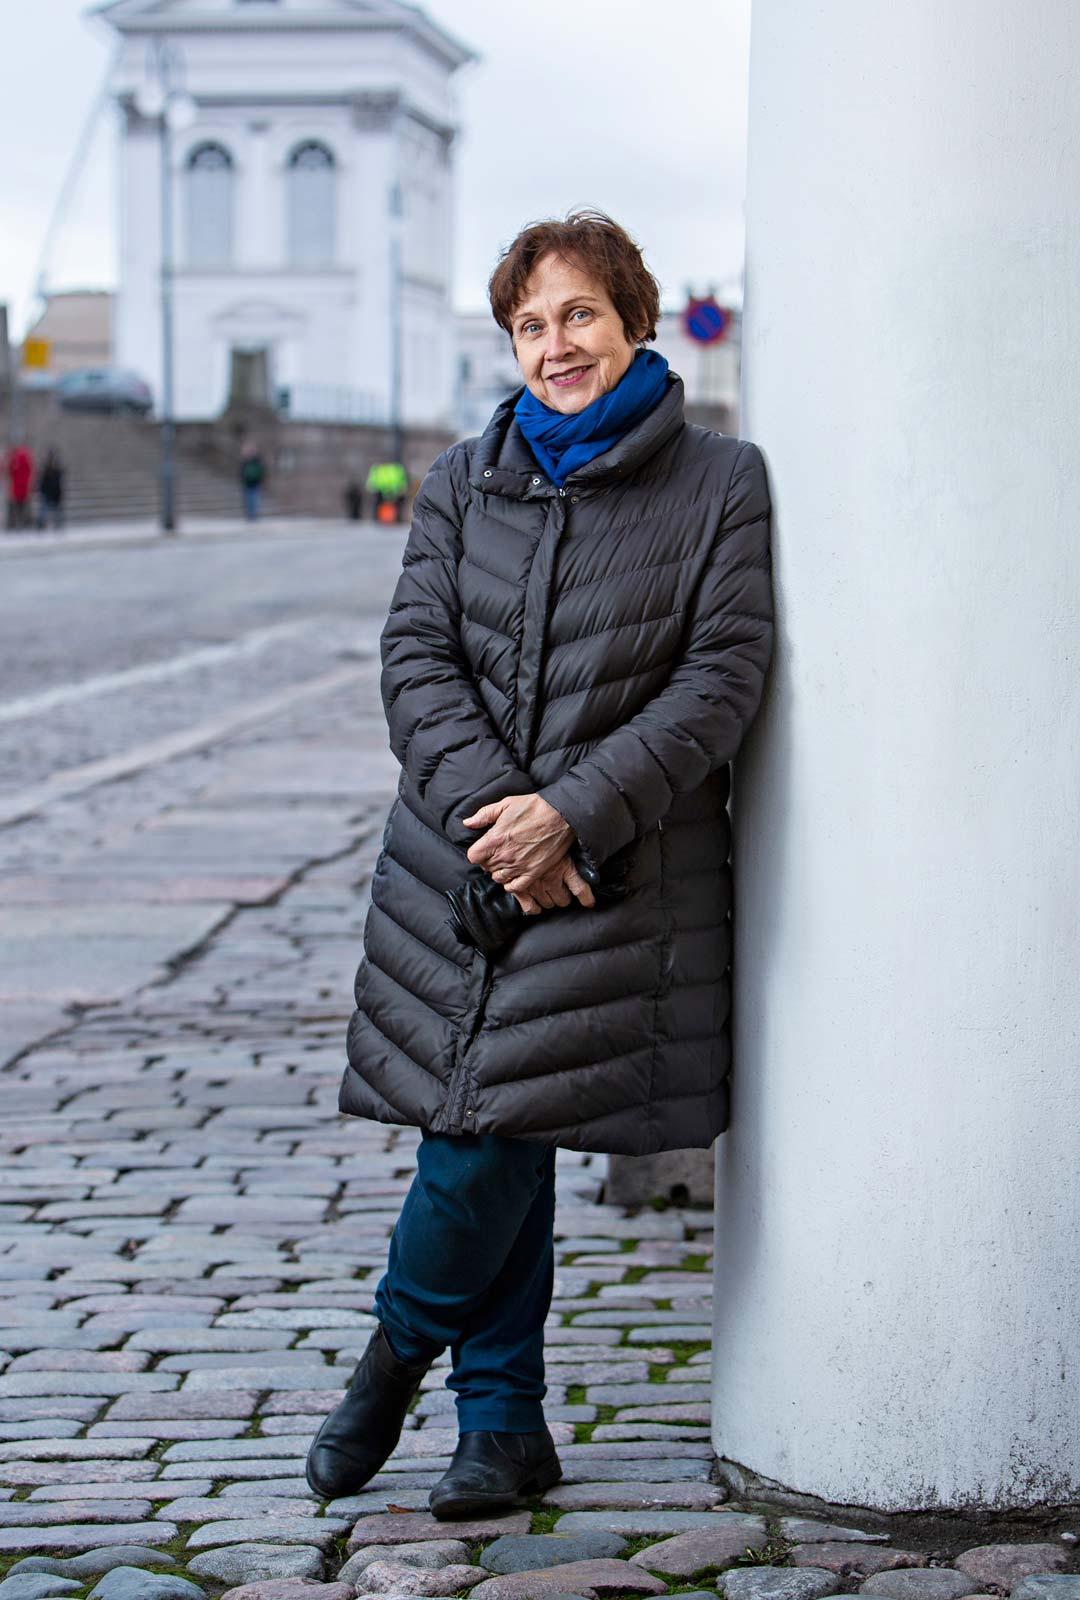 Virpi Hämeen-Anttila tunnetaan paitsi kirjailijana myös erityisesti Intian kulttuurin ja historian tutkijana ja tuntijana.